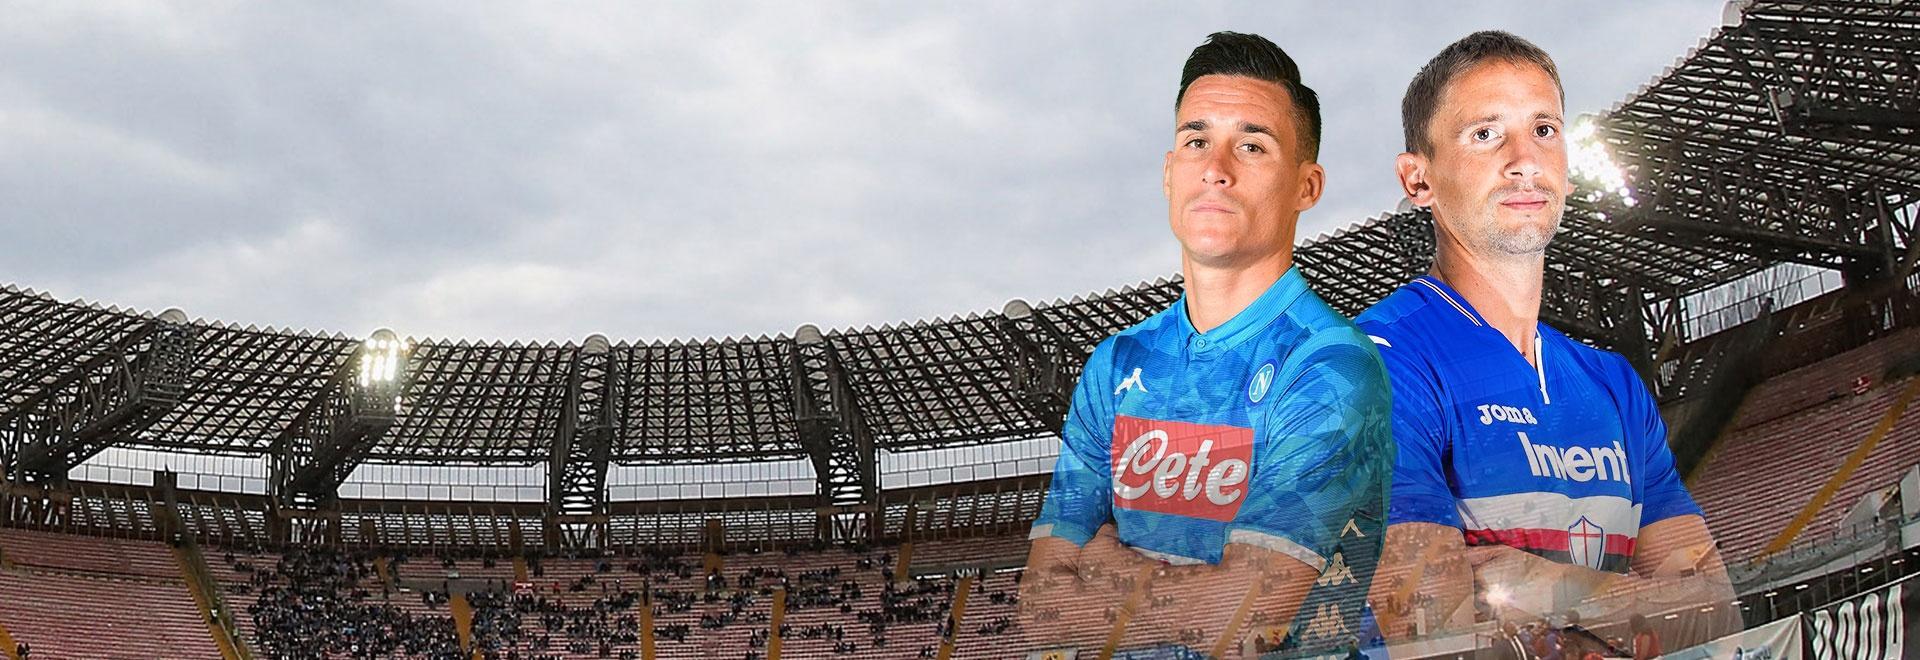 Napoli - Sampdoria. 22a g.